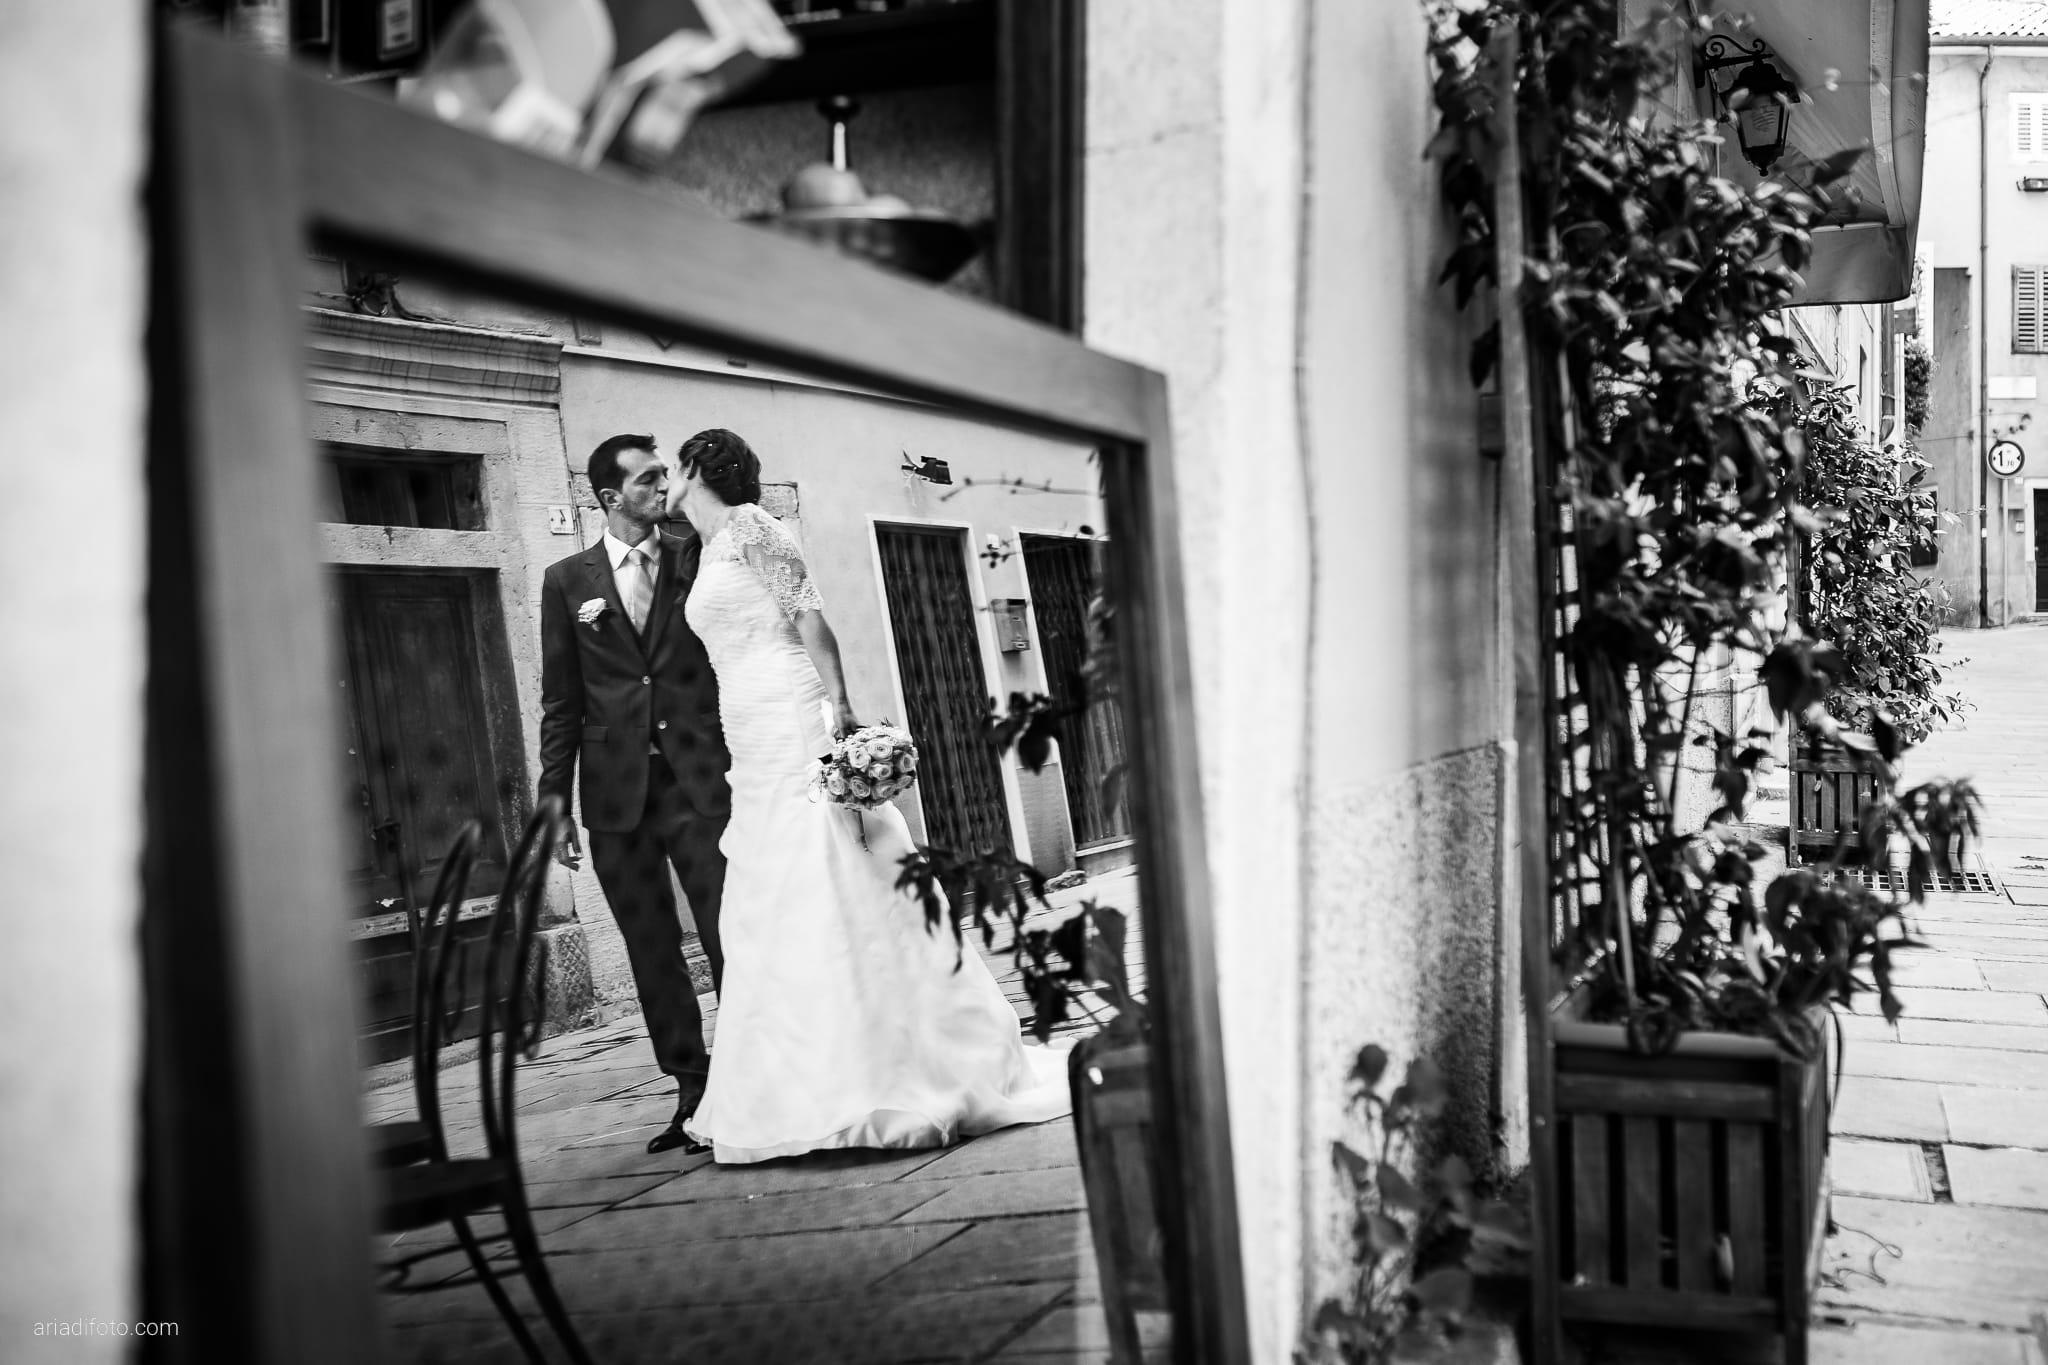 Rossella Stefano Matrimonio Muggia Mulin Koper Slovenia ritratti sposi specchio riflesso